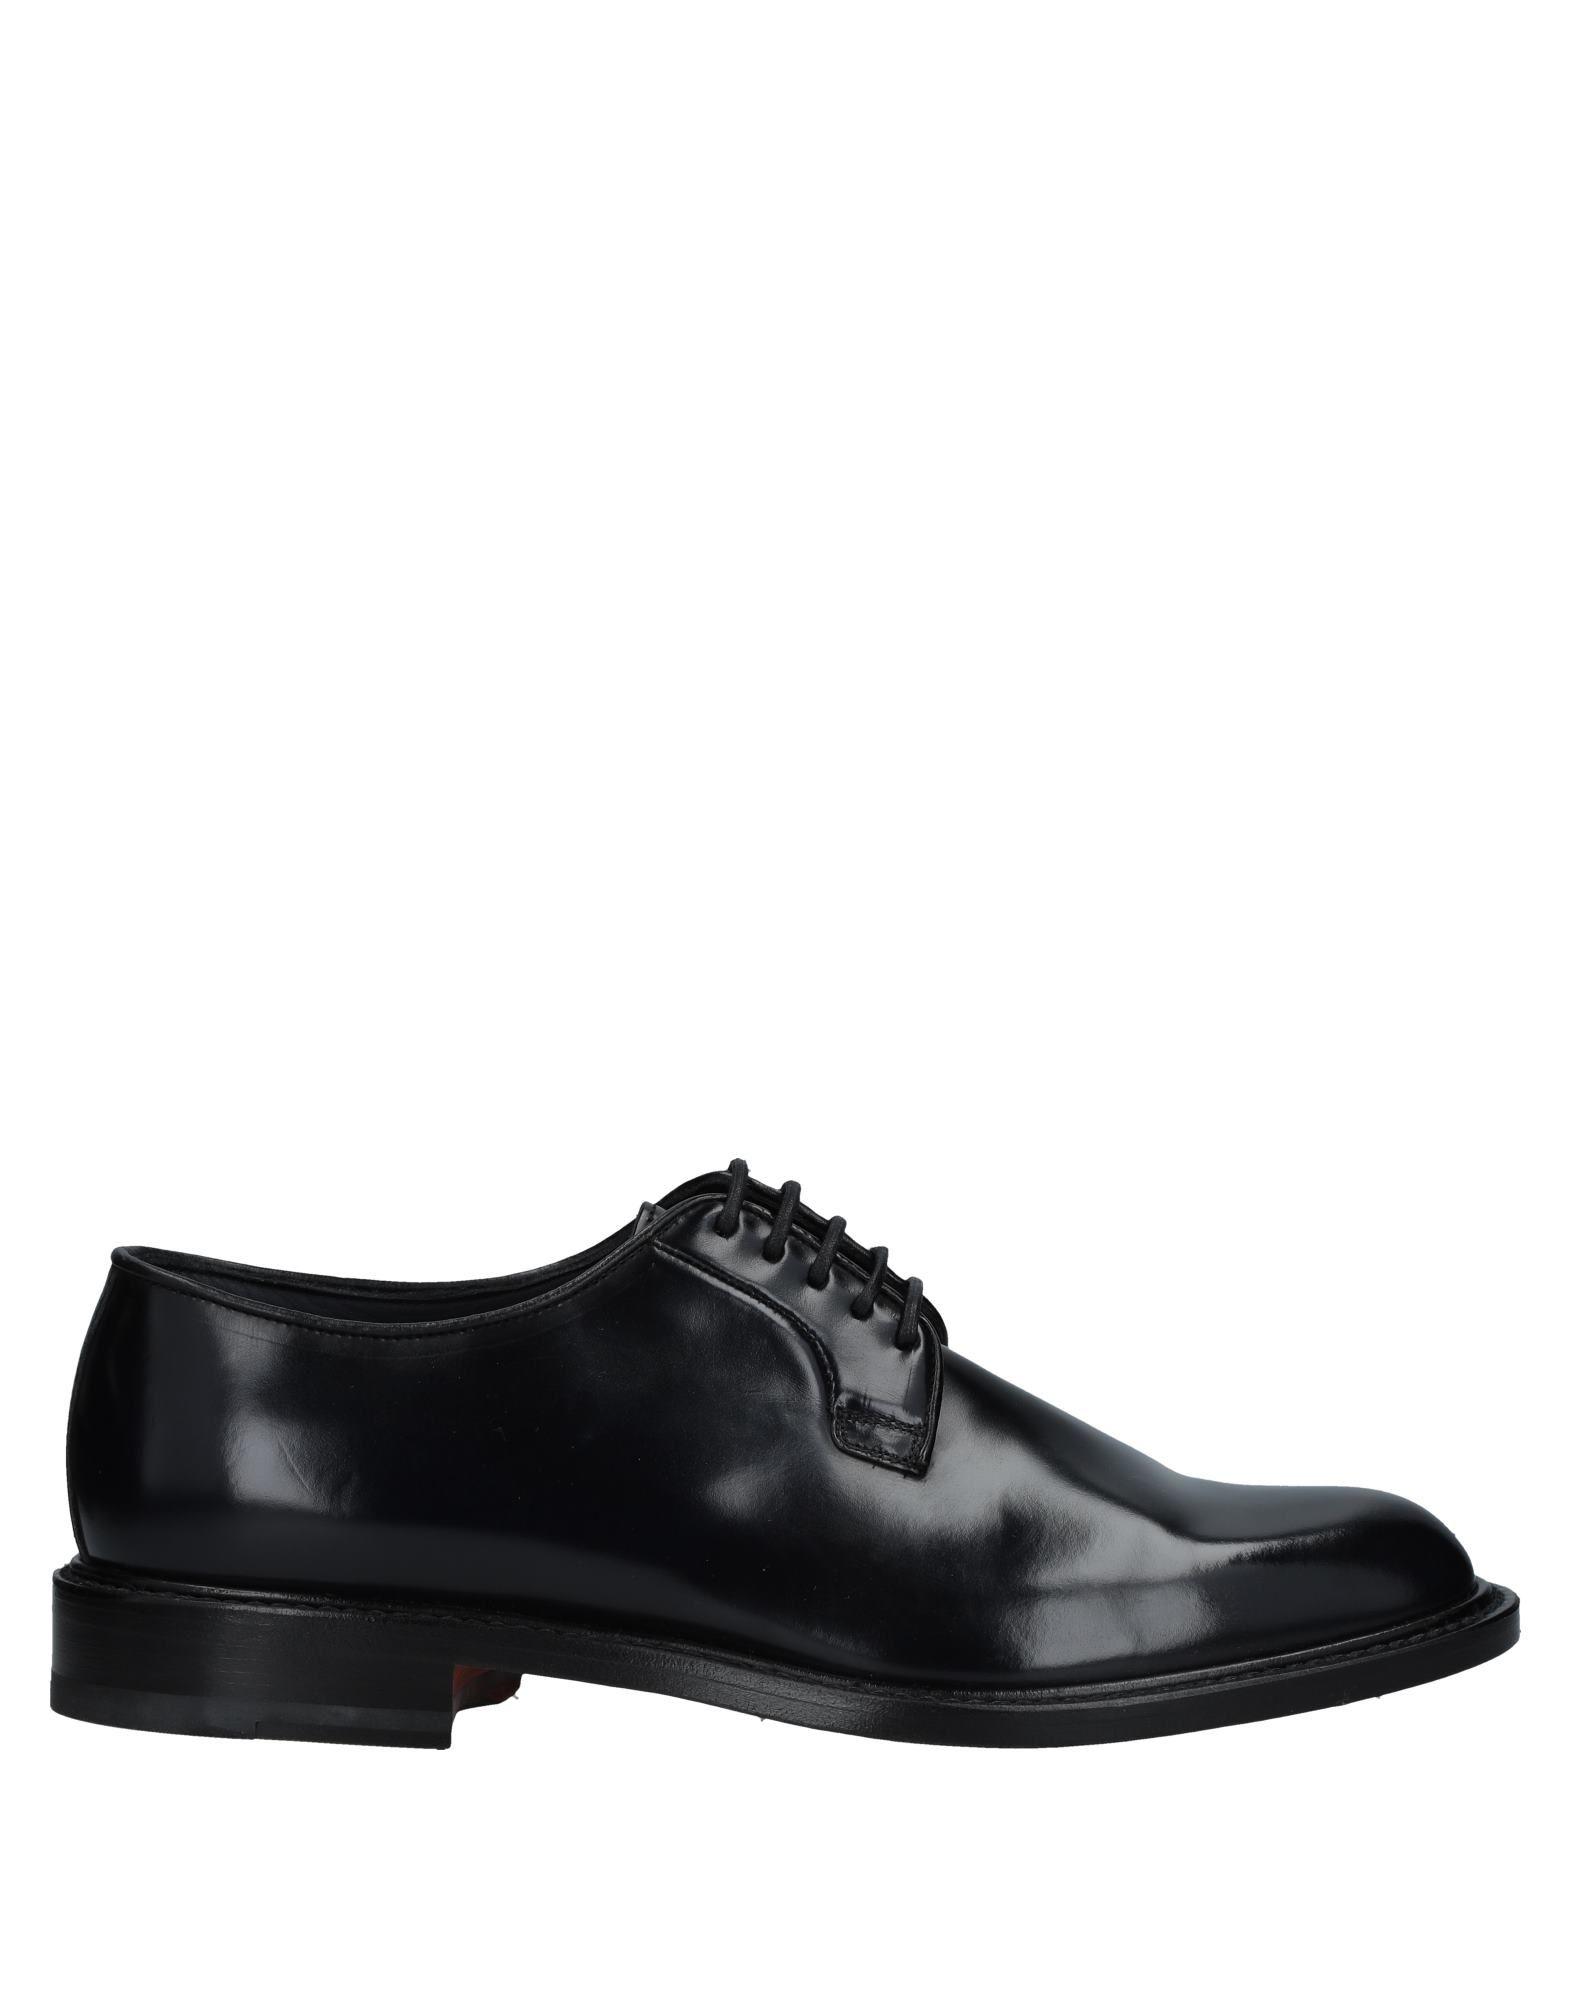 Santoni Schnürschuhe Herren  11528420QQ Gute Qualität beliebte Schuhe